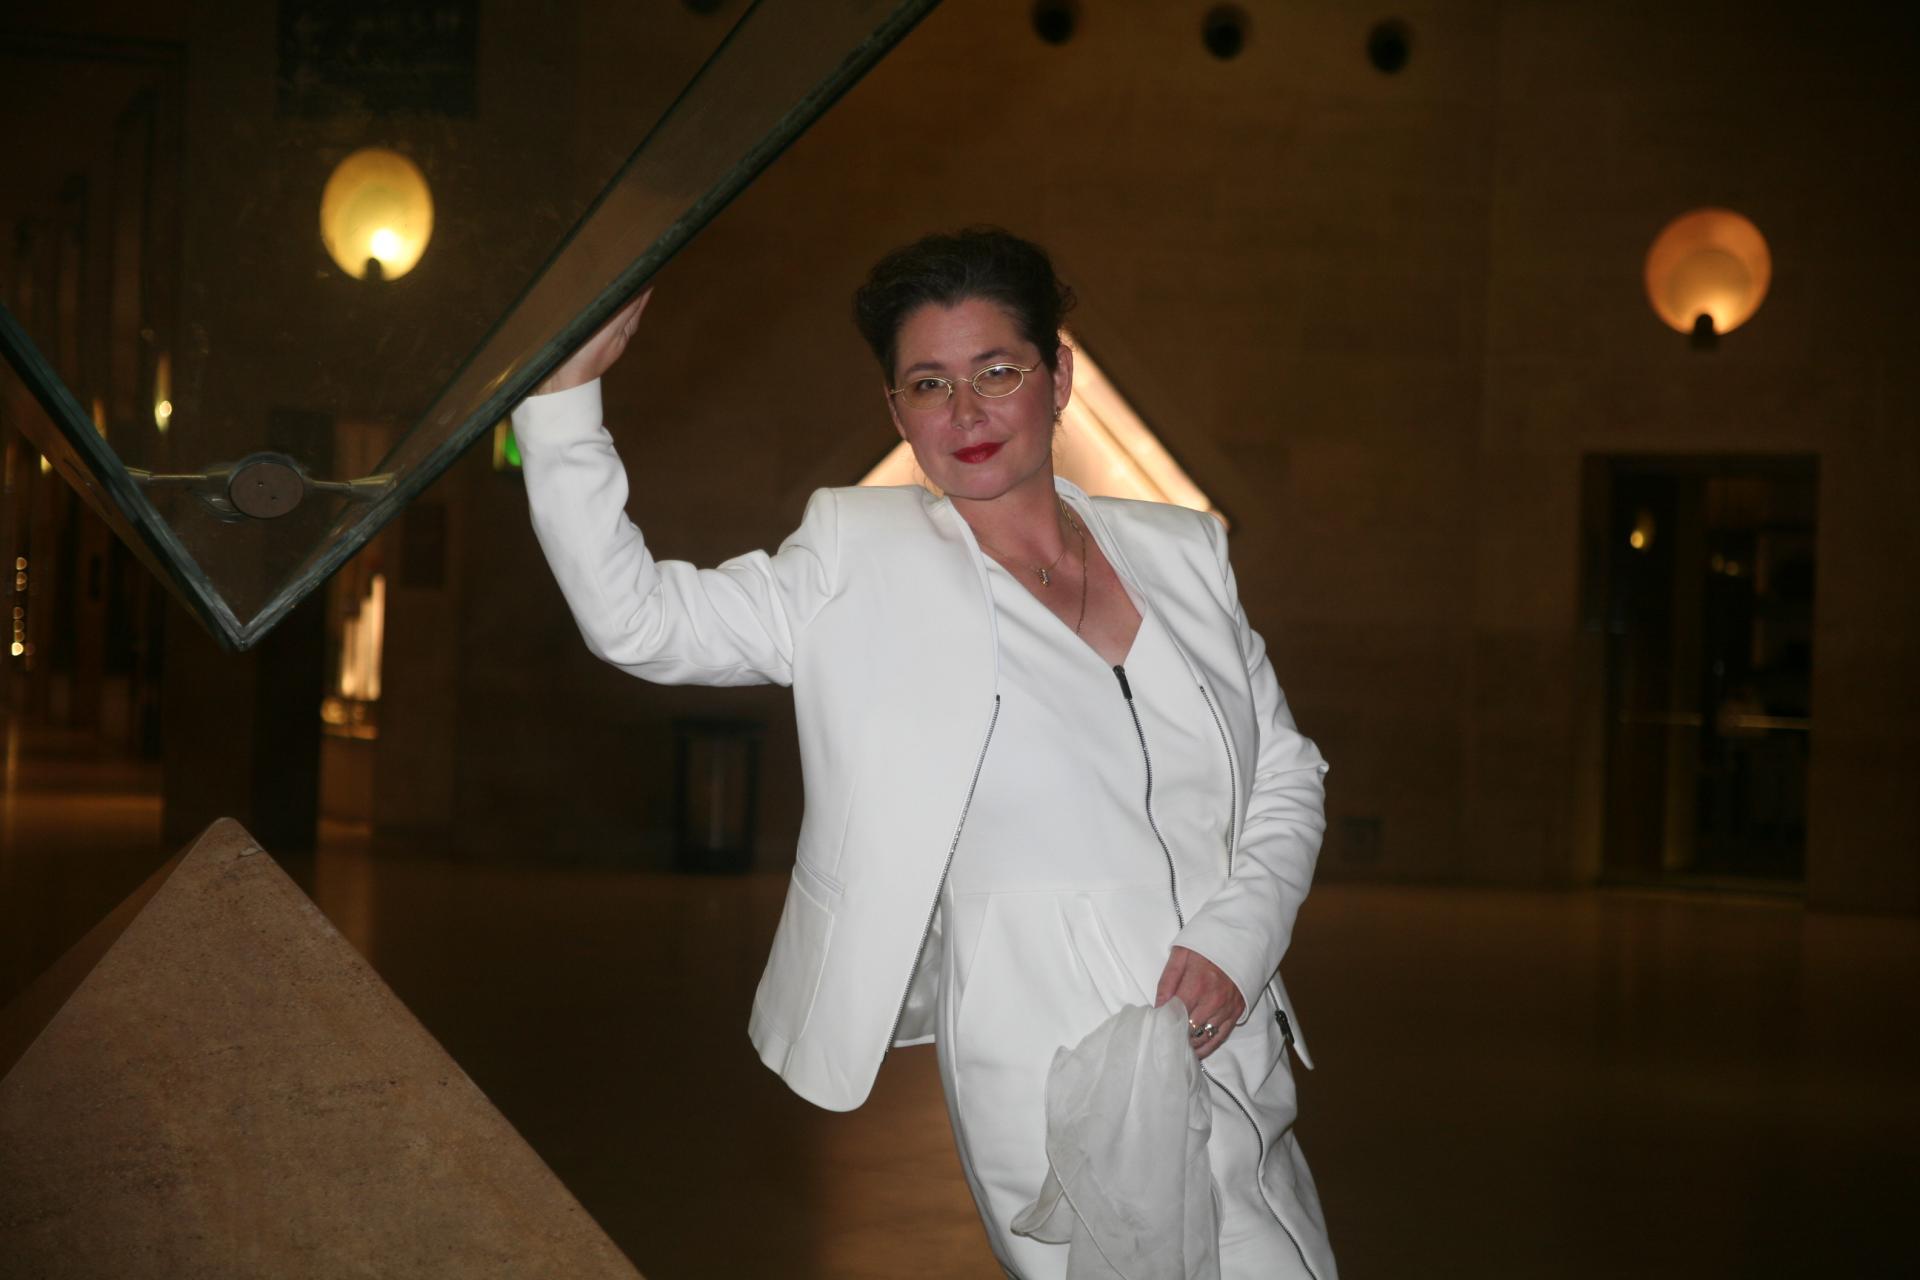 1 verena von lichtenberg artiste peintre a paris elle est au carrousel du louvre avec ses tableaux nord licht a l exposition d art de art shopping